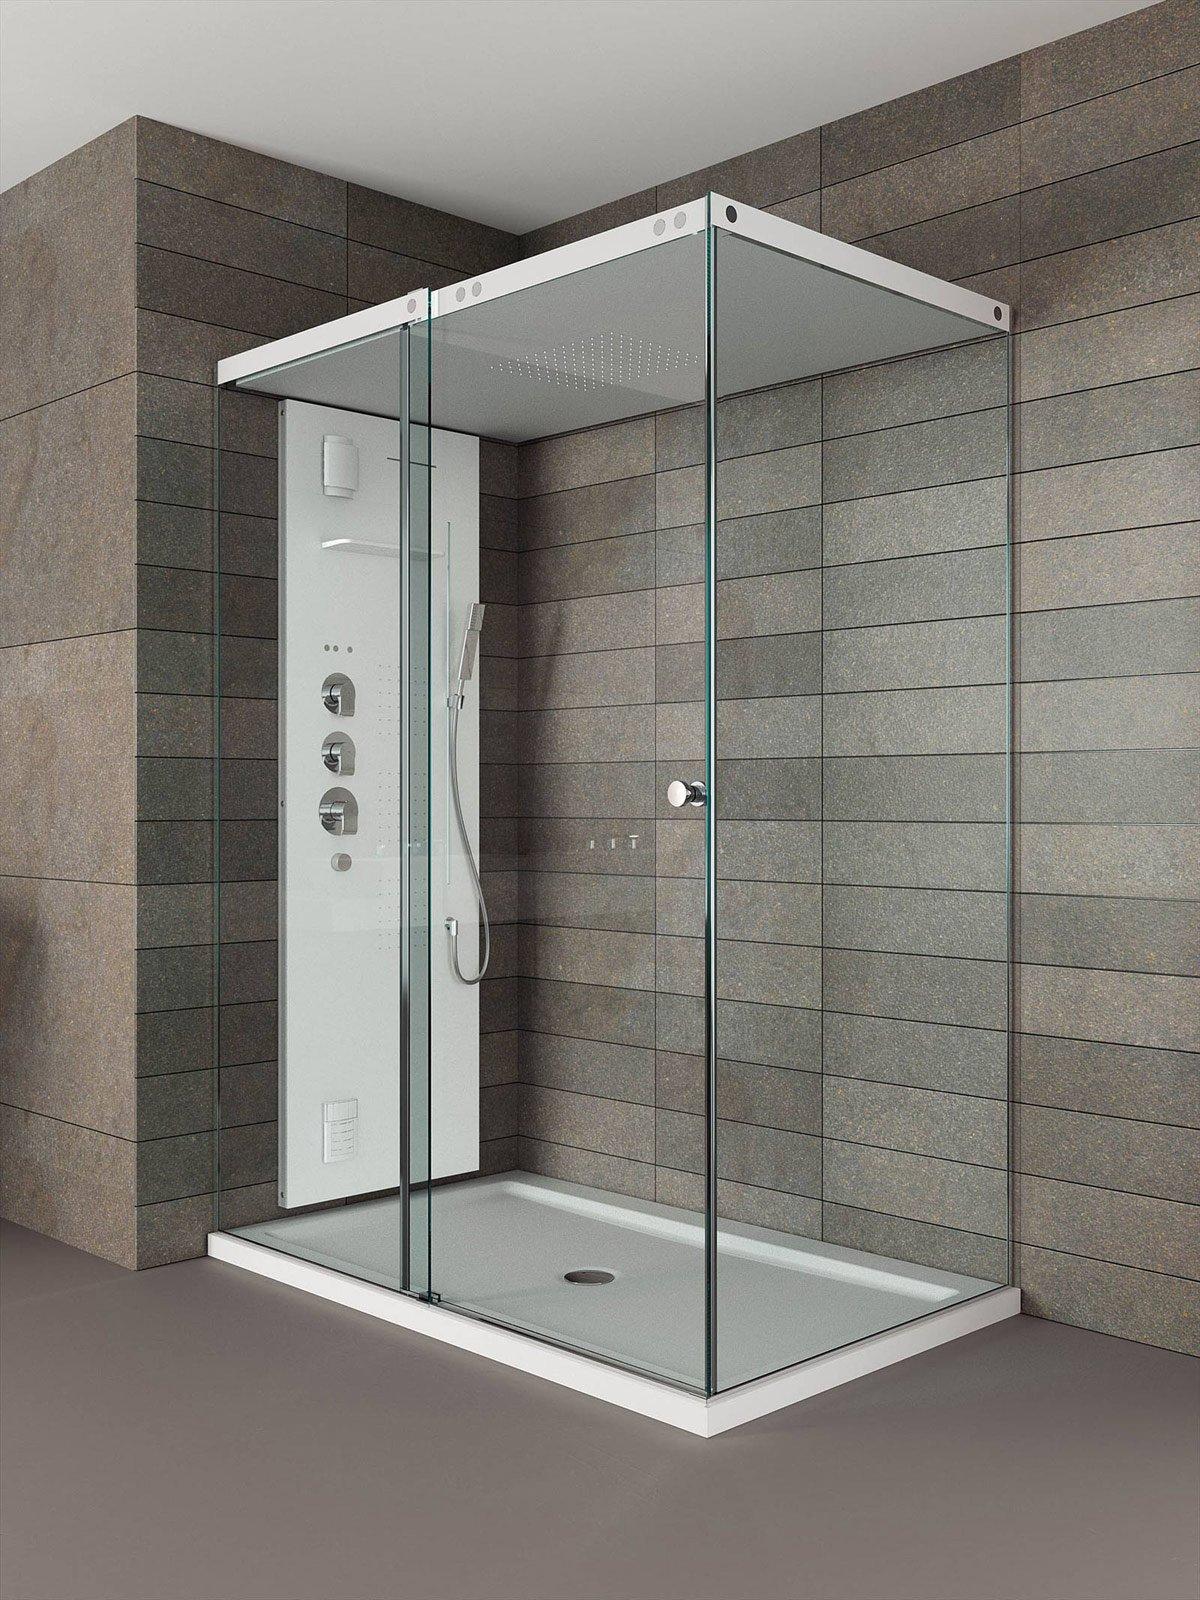 Bagno come attrezzarlo per il tuo benessere cose di casa - Bagno turco in muratura ...